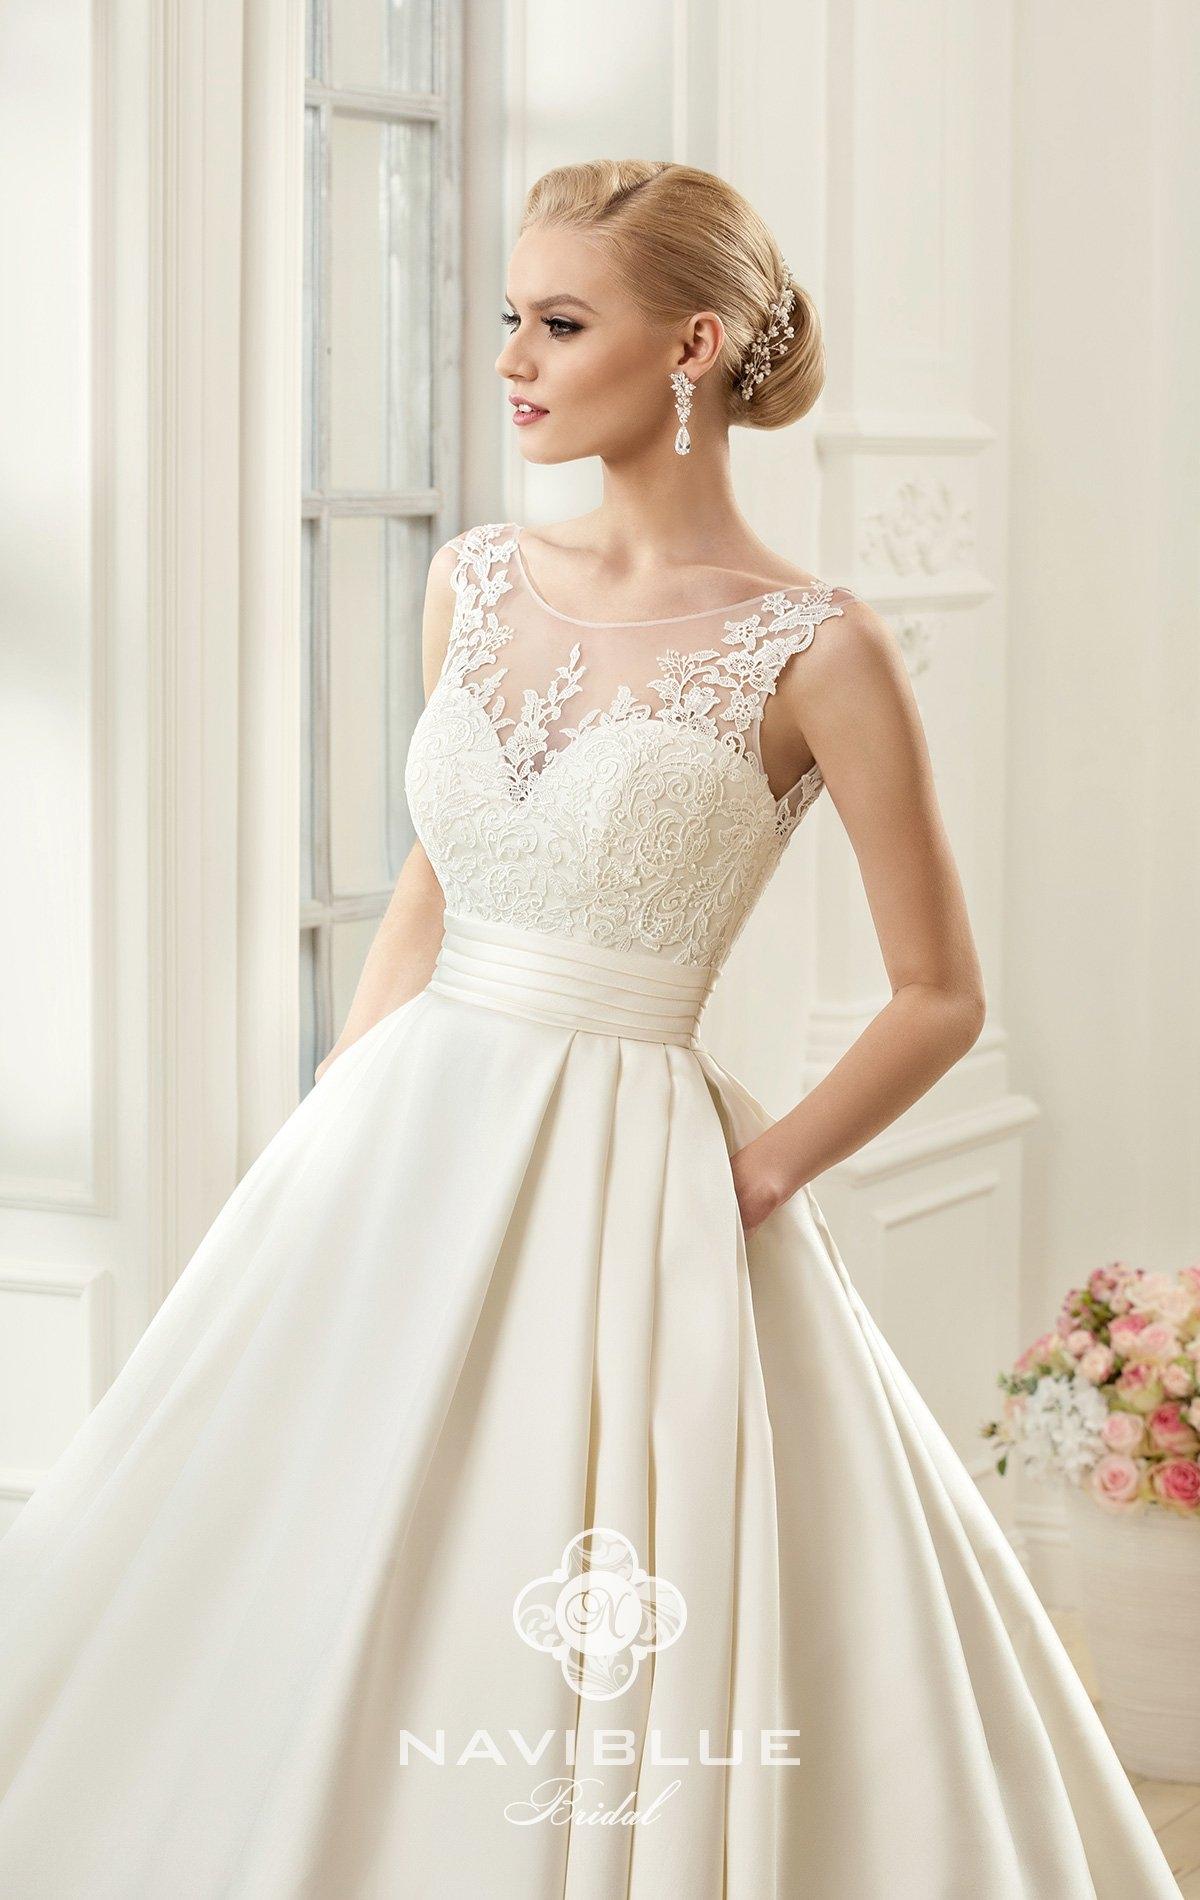 NAVIBLUE BRIDE / Свадебный салон «Барселона» / Свадебные платья